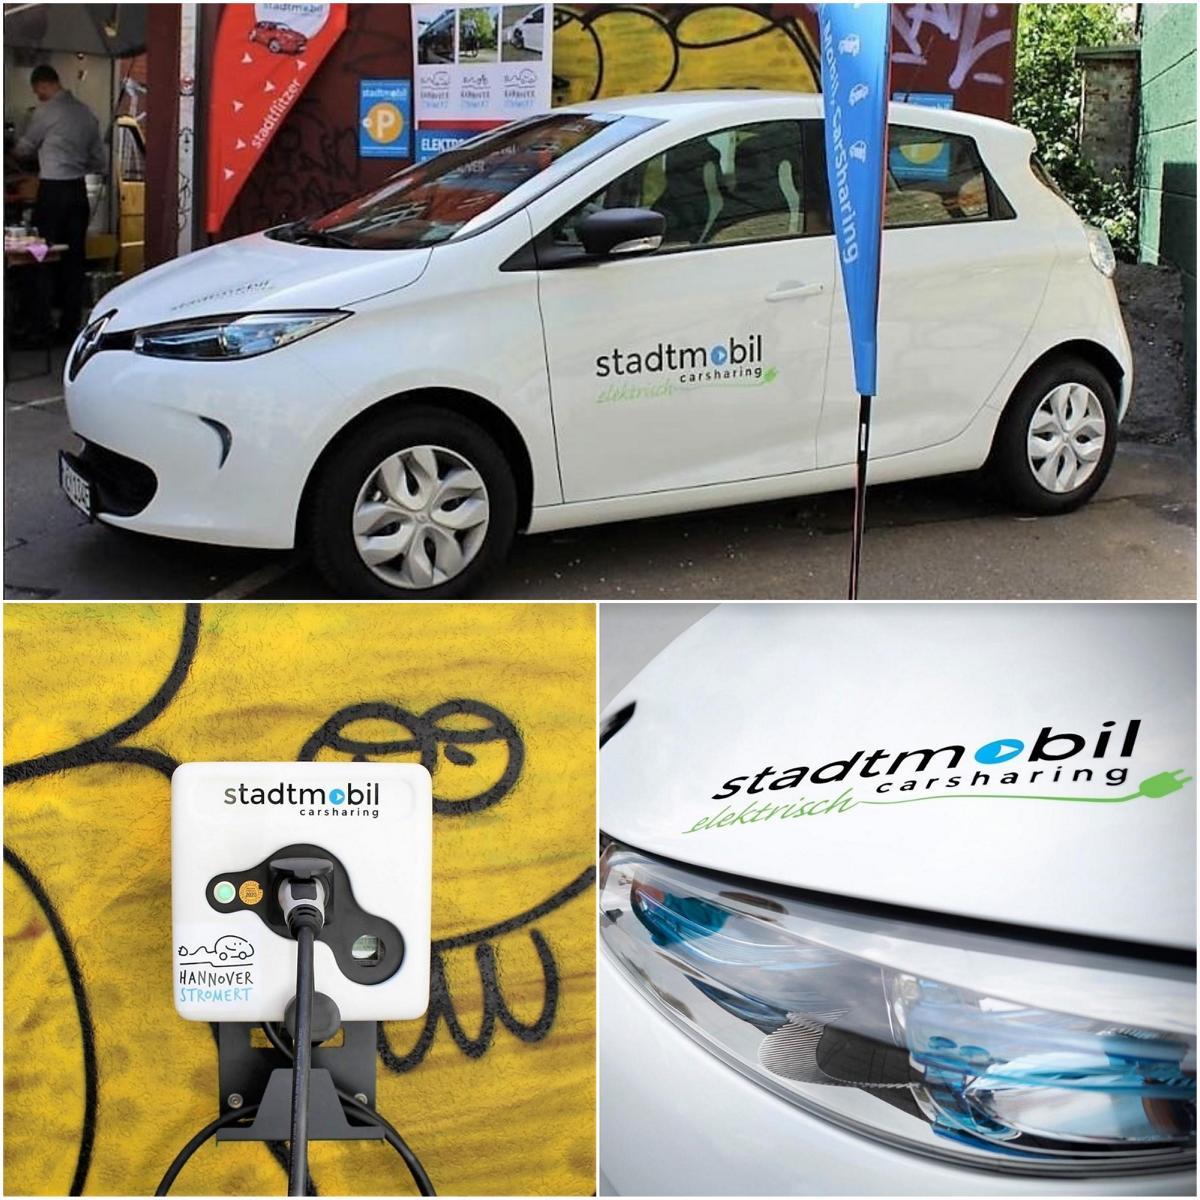 stadtmobil hannover carsharing elektromobilität fröbelstraße